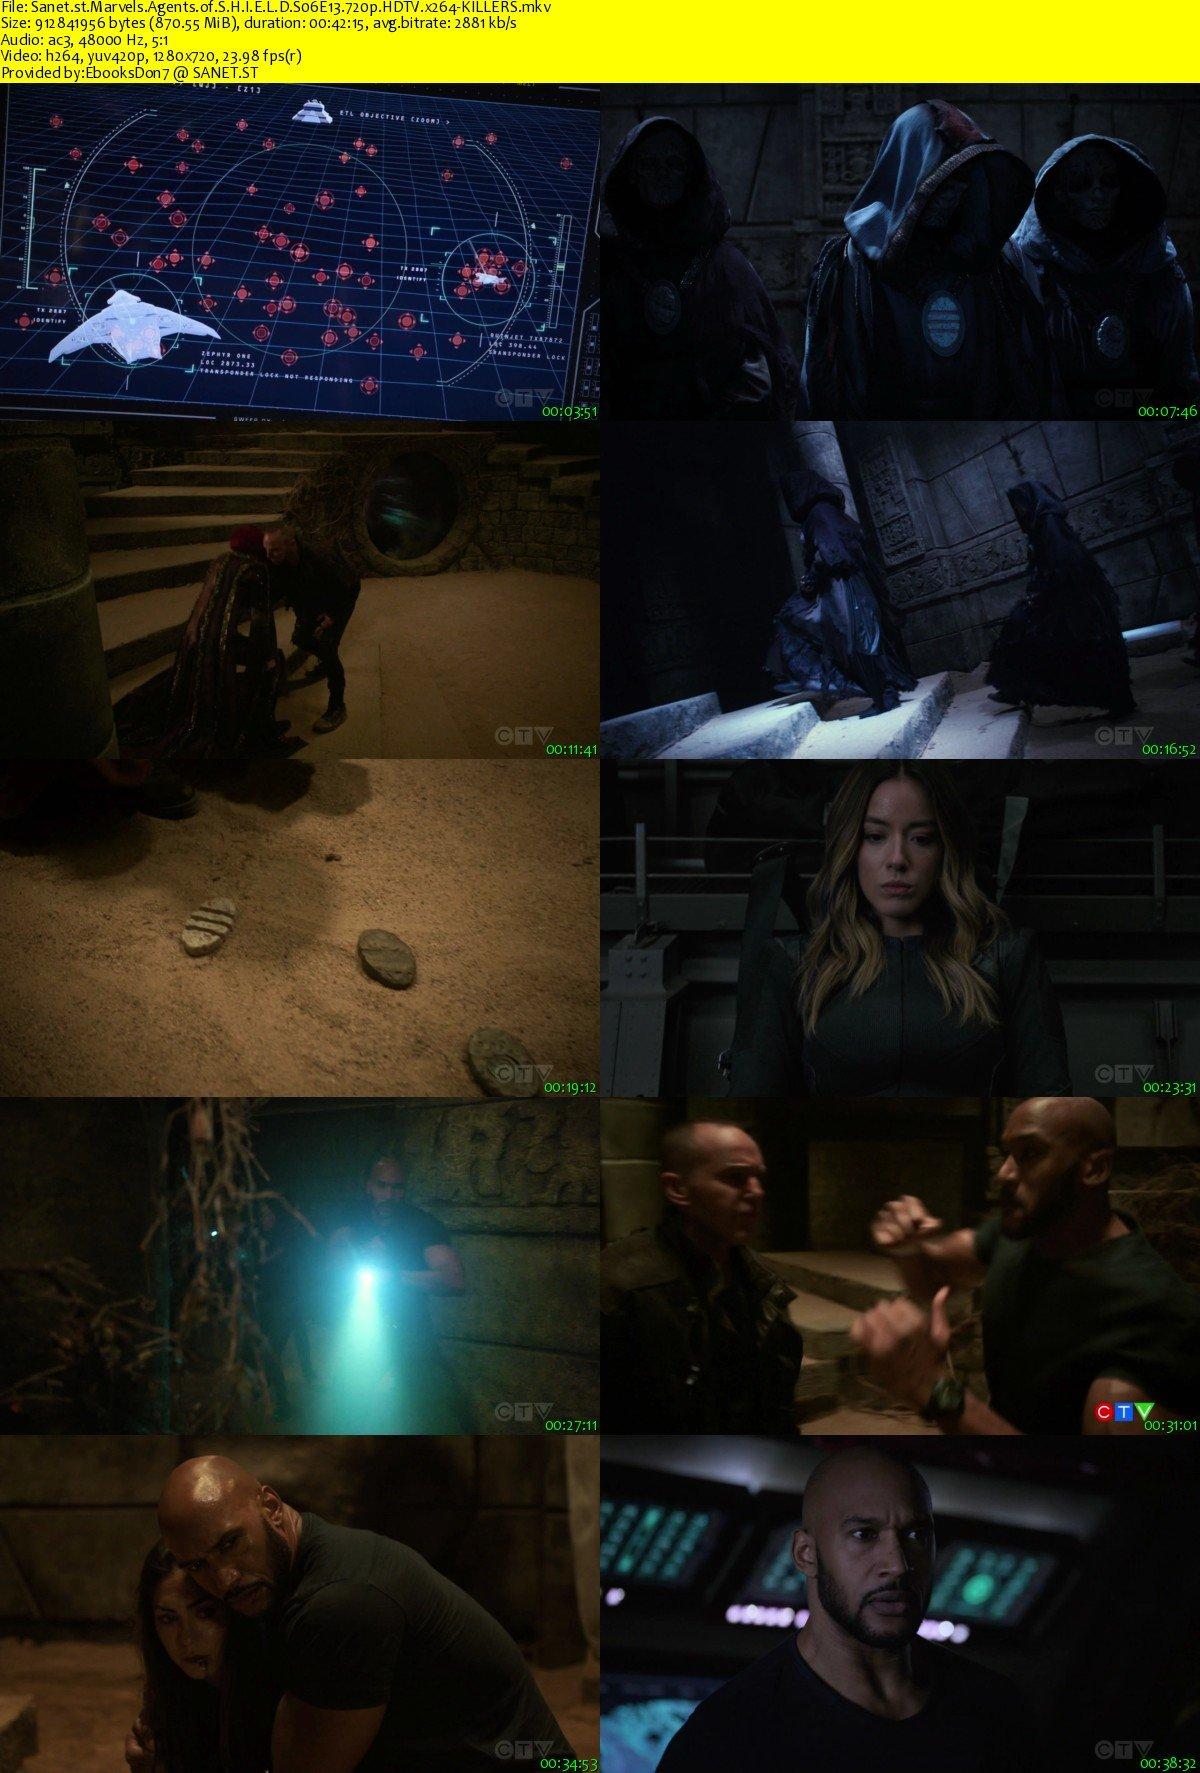 Homeland   S04E05   HDTV   x264   KILLERS